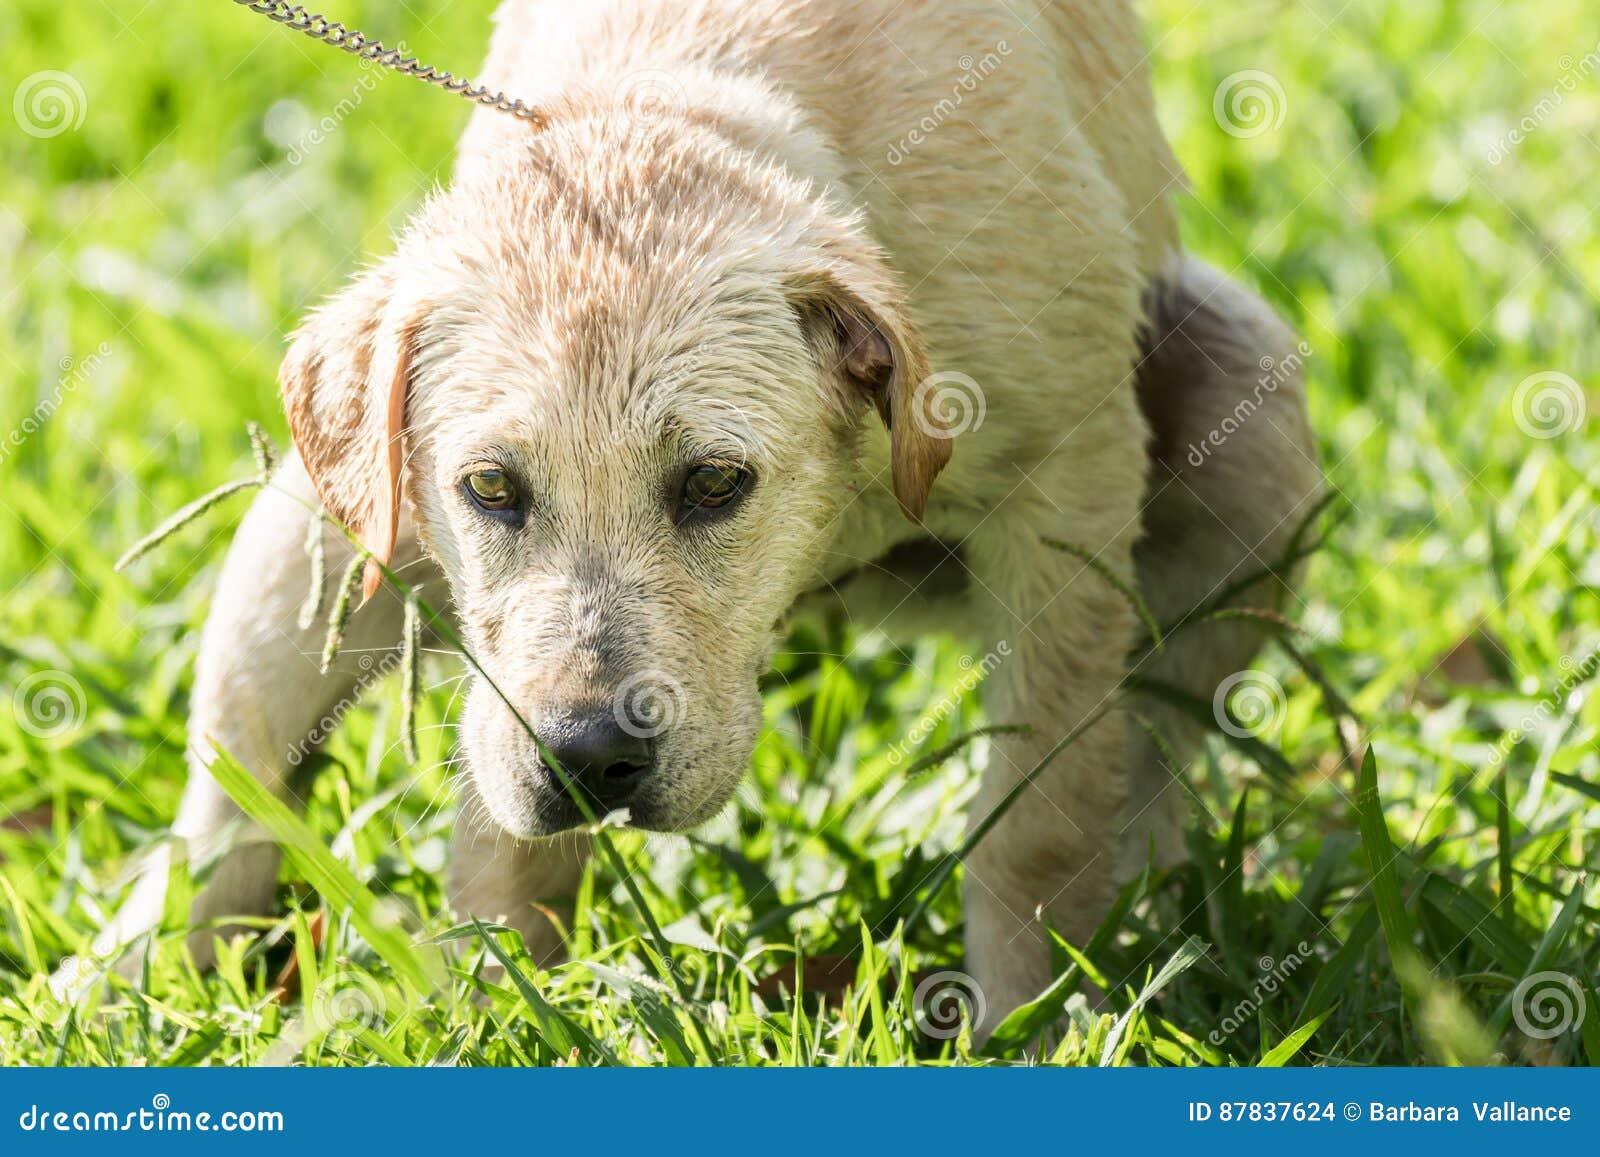 Il Cucciolo Fa La Cacca Fotografia Stock Immagine Di Gioco 87837624